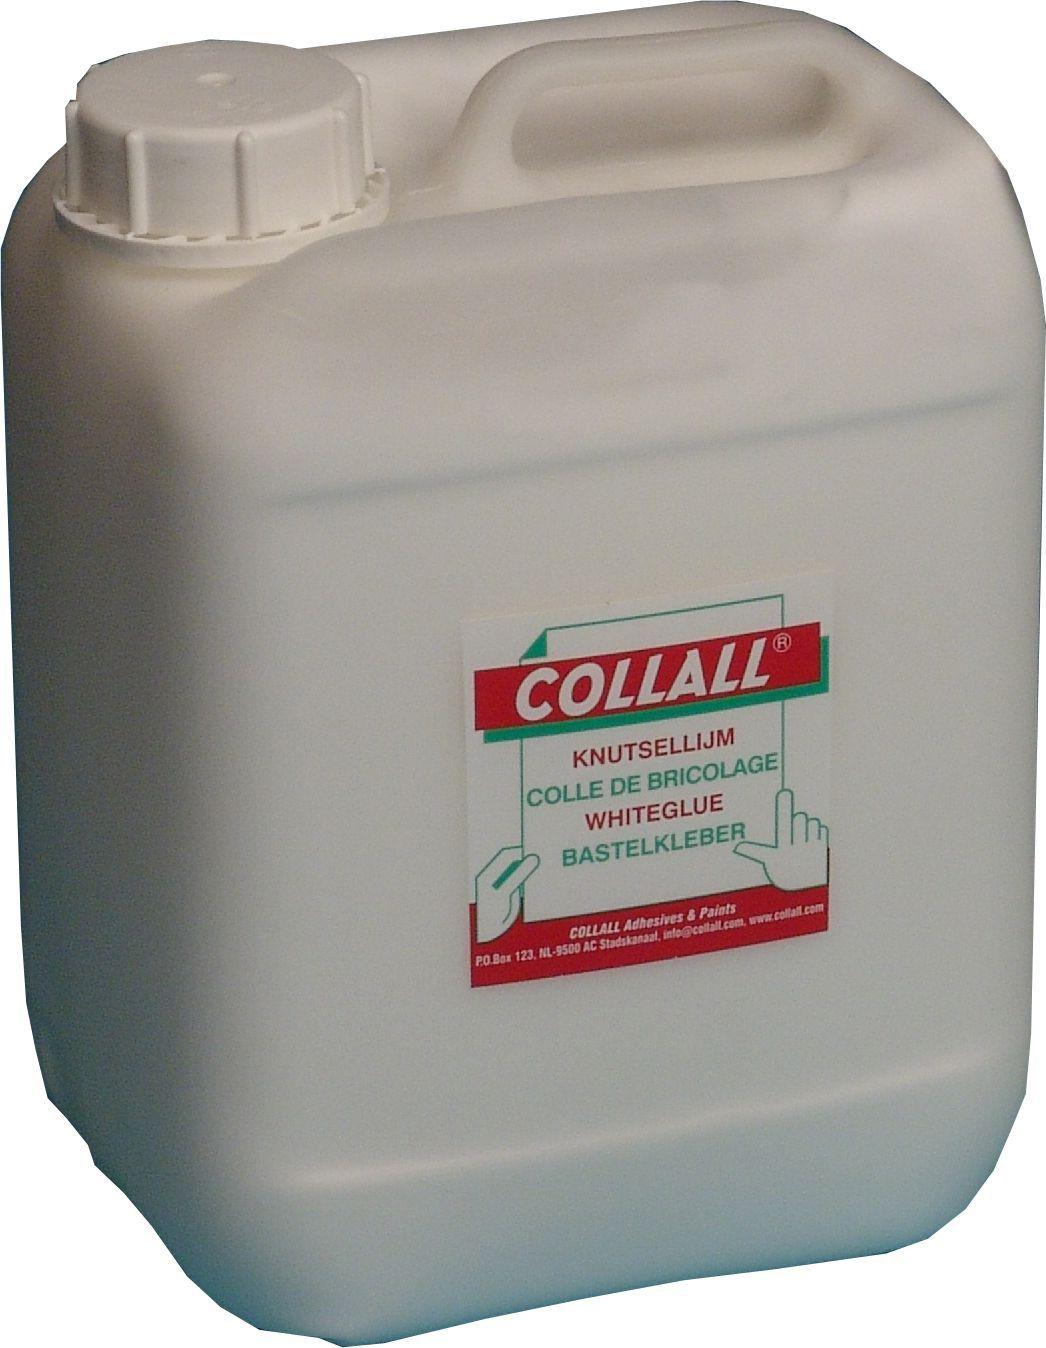 Bastelkleber 5000 ml